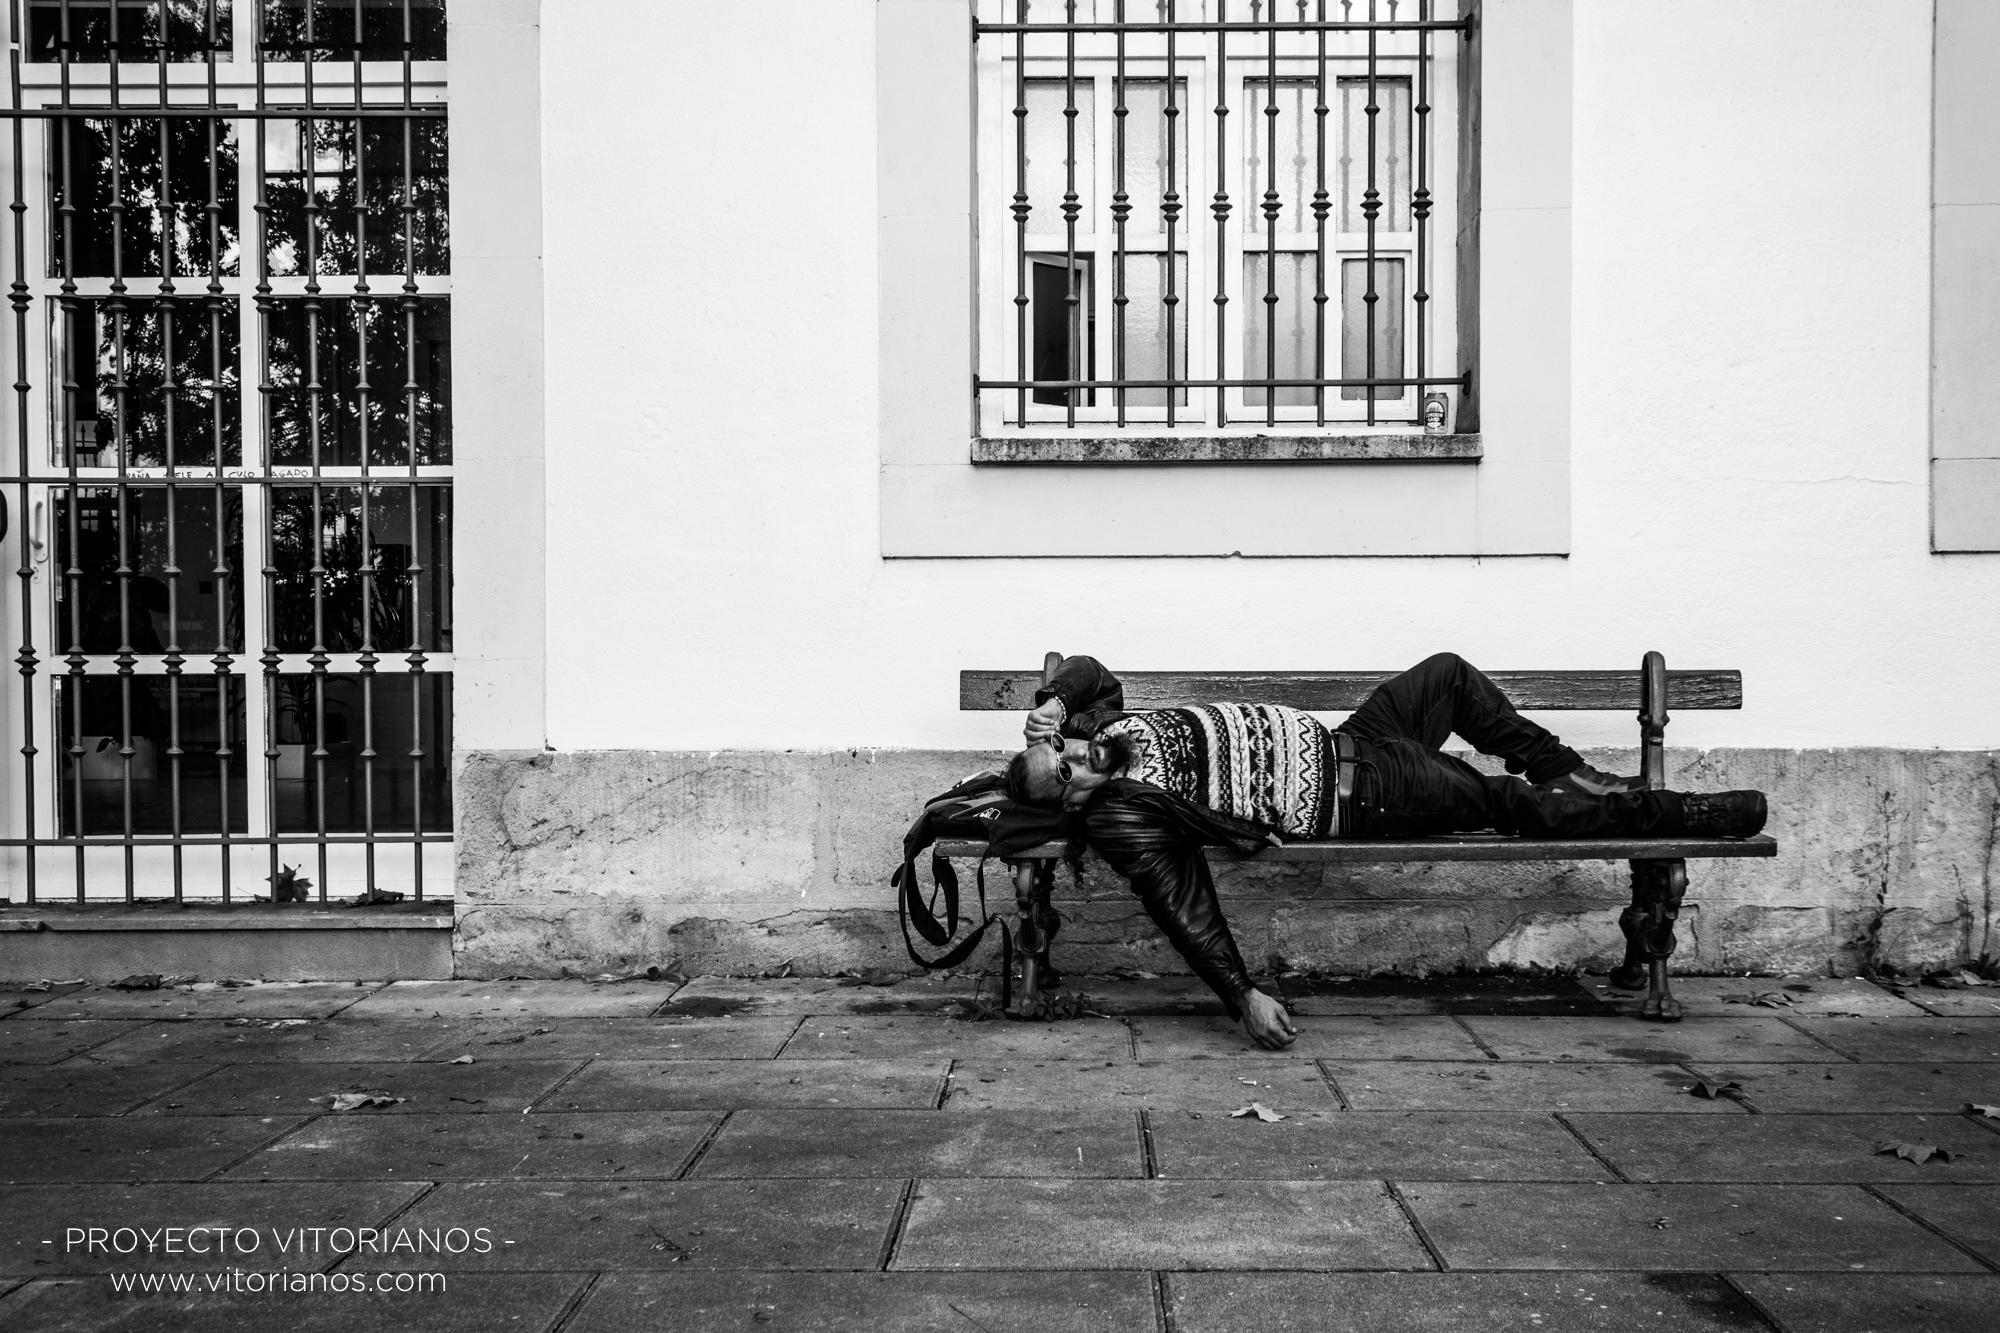 Vitoriano en un banco - Foto: Bea Cañas